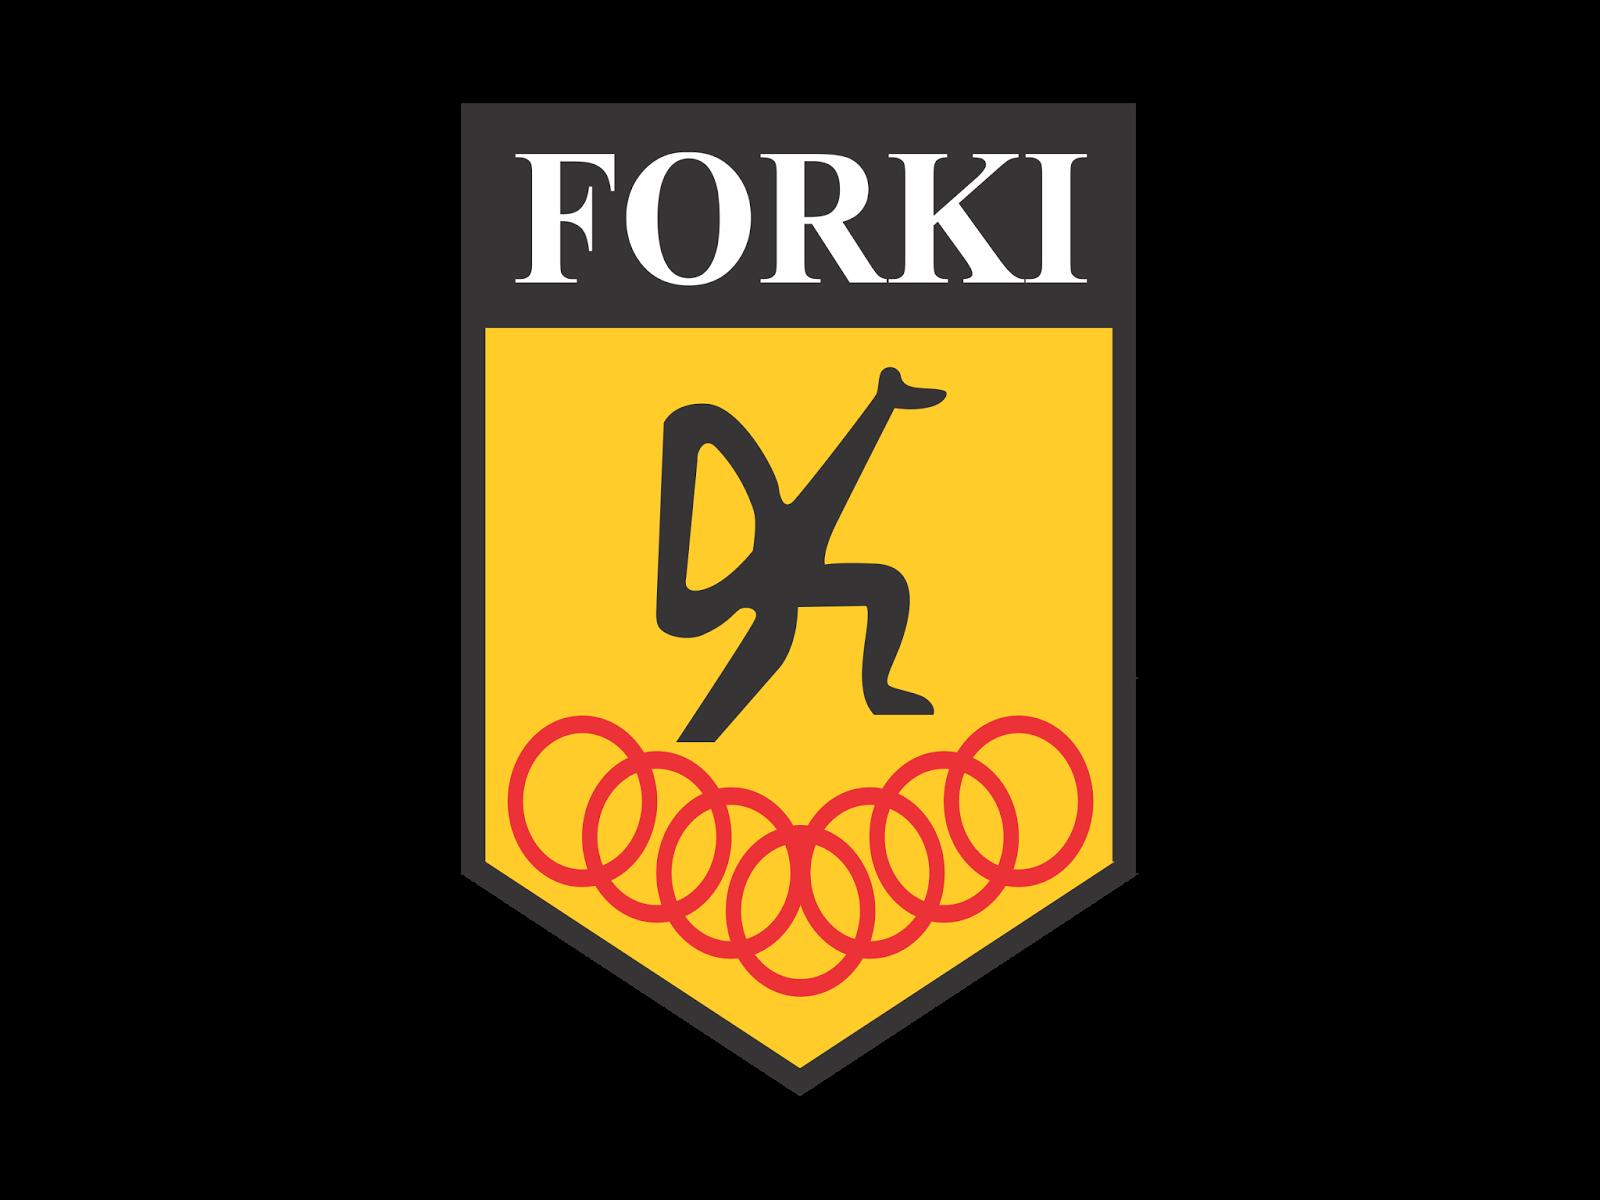 Logo Forki Format Cdr & Png - Biologizone